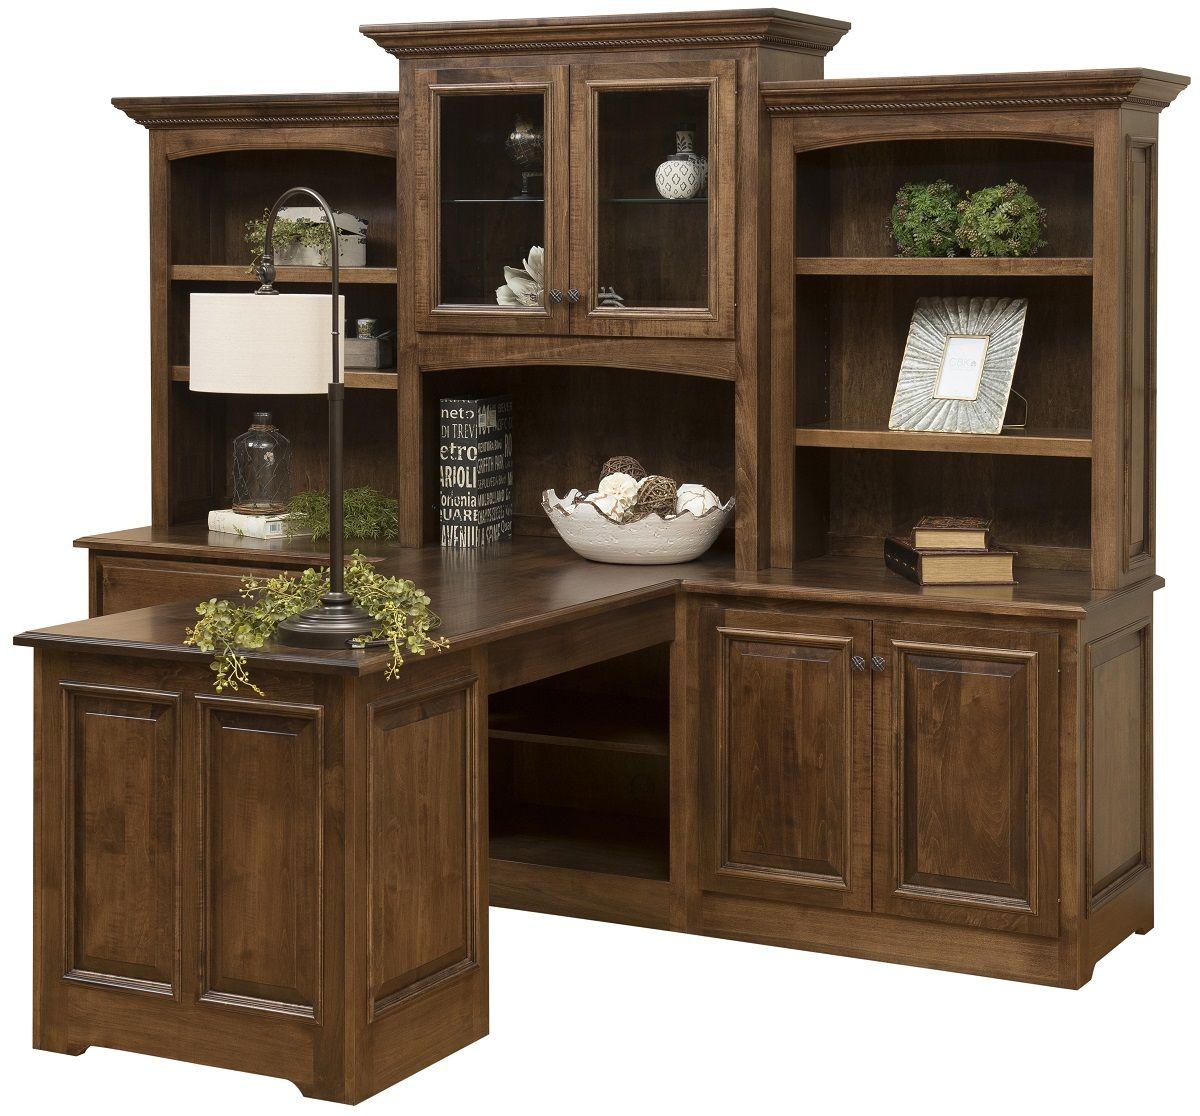 Hardwood Partner's Desk